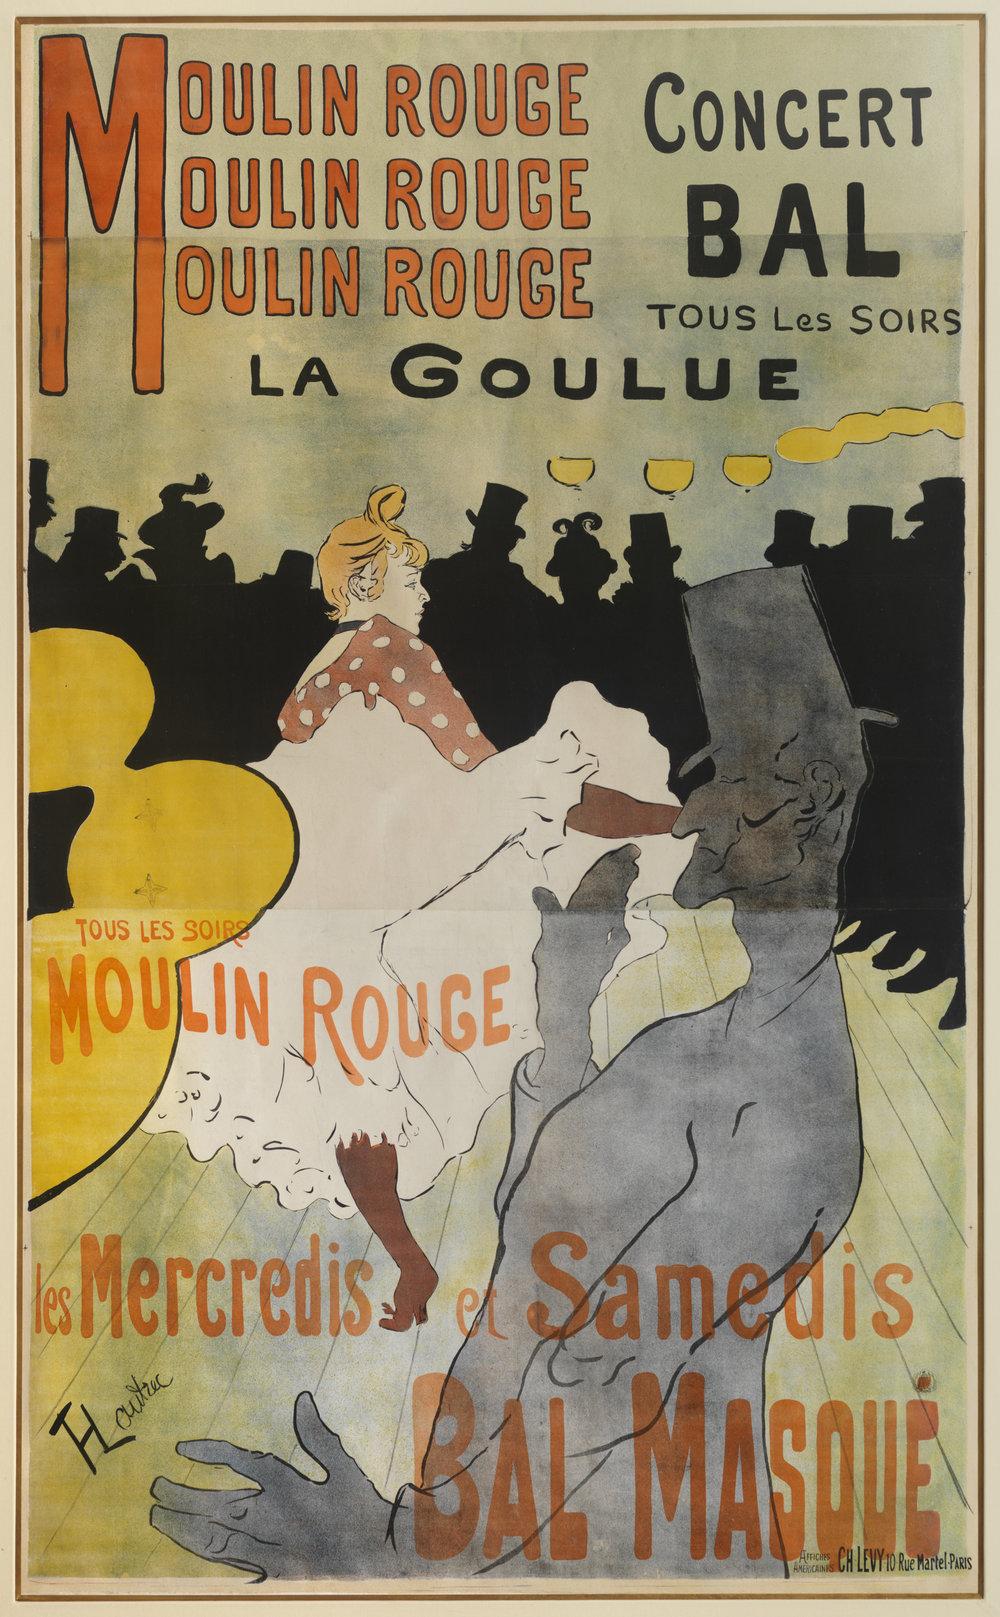 Moulin Rouge, La Goulue, 1891